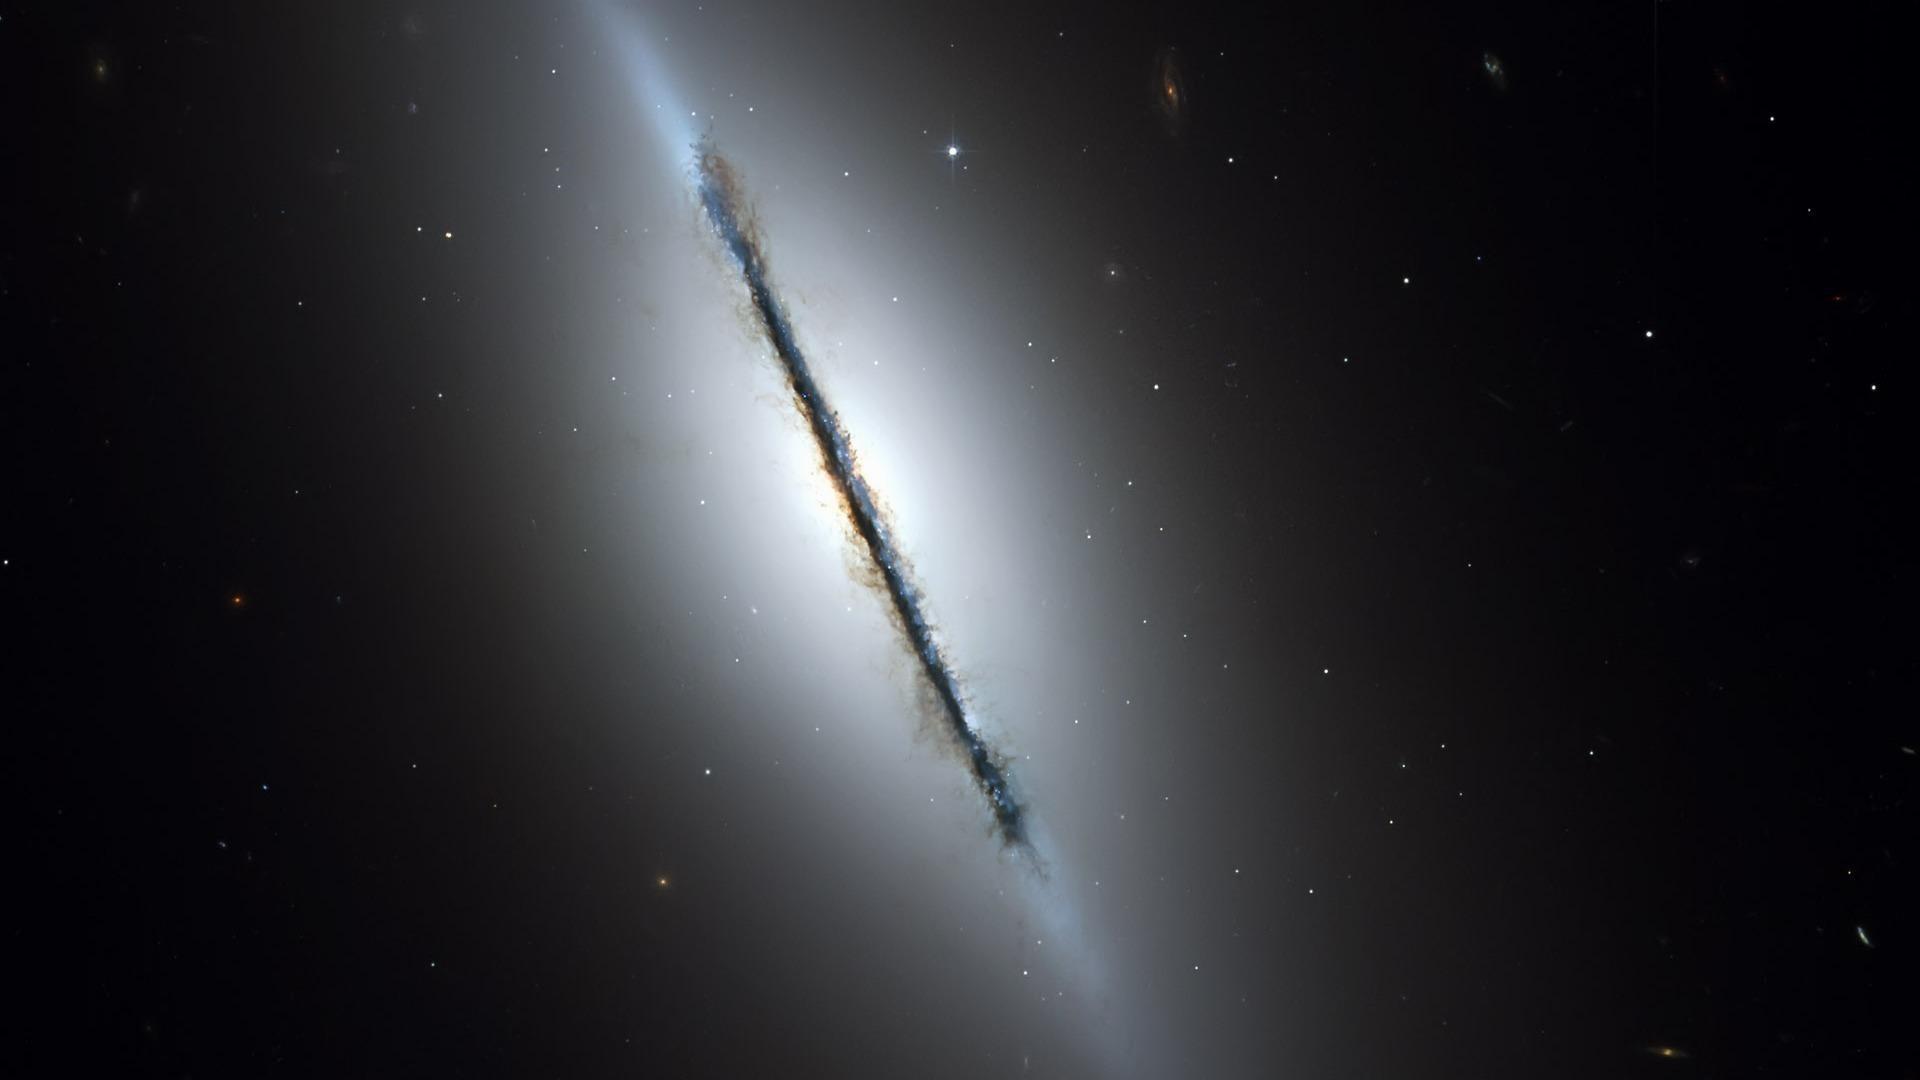 wallpaper.wiki-Hubble-Photos-HD-1920×1080-PIC-WPD003234